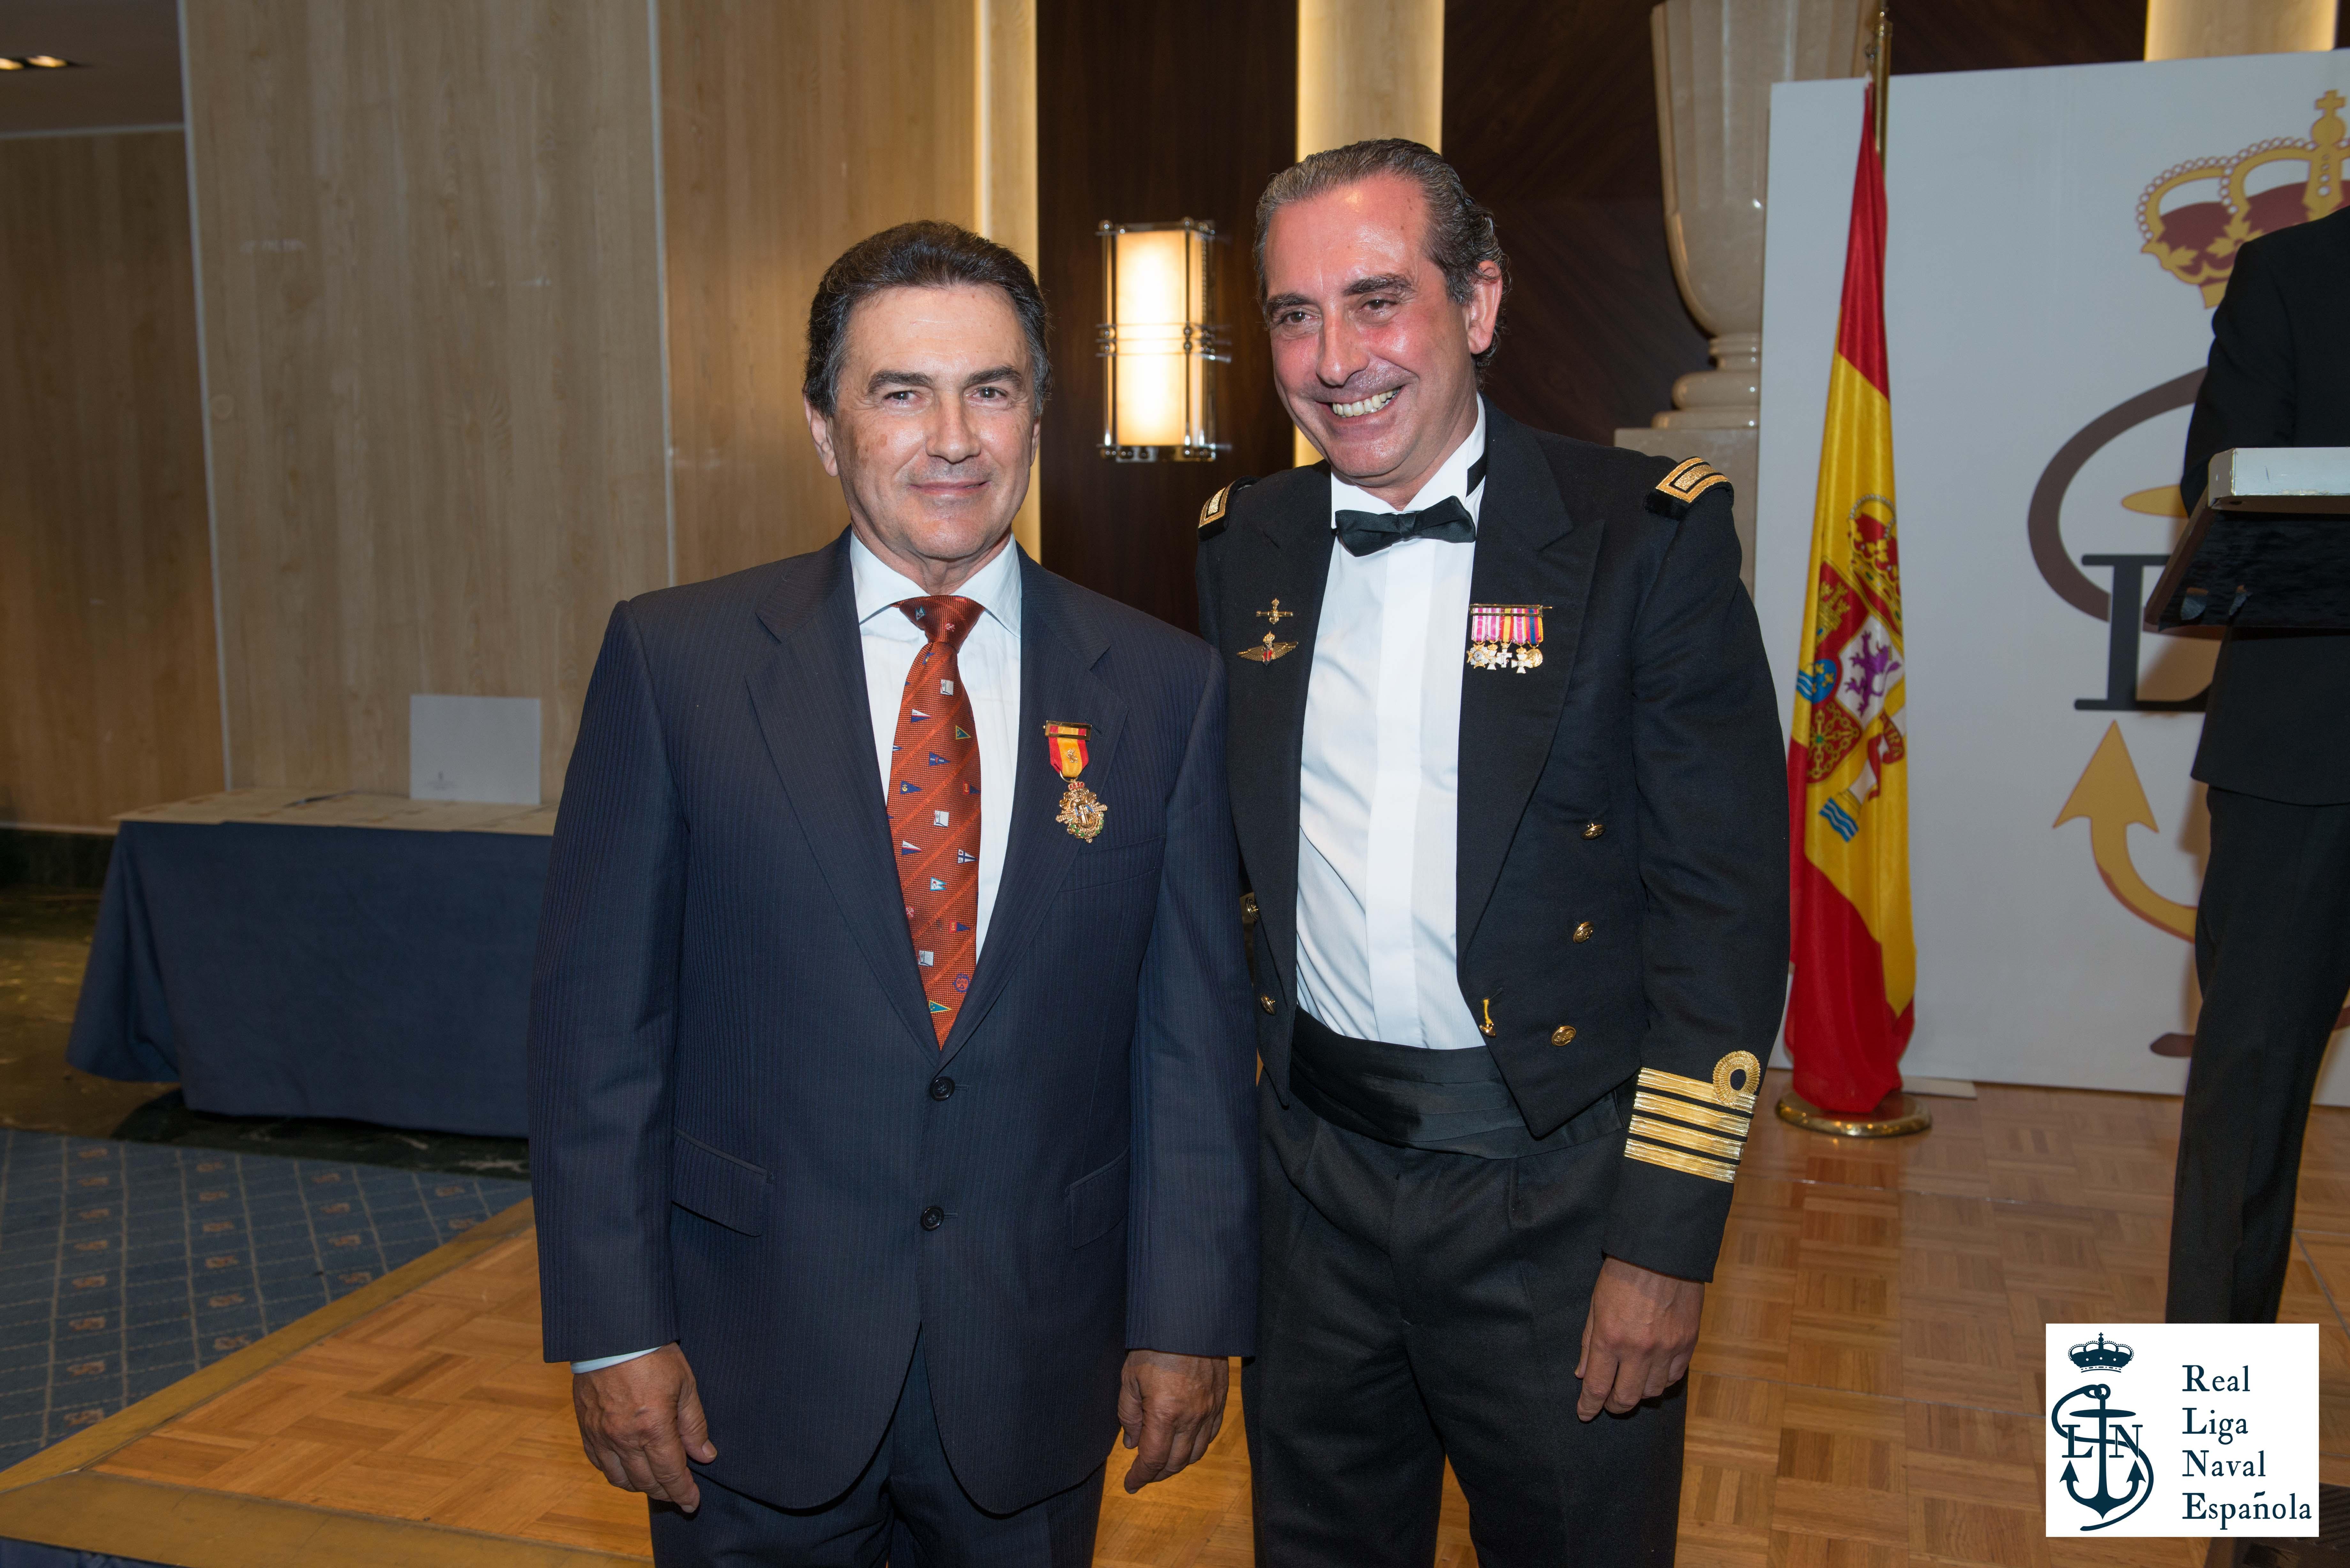 Pedro Campos, galardonado con la Medalla de Oro de la Real Liga Naval Española